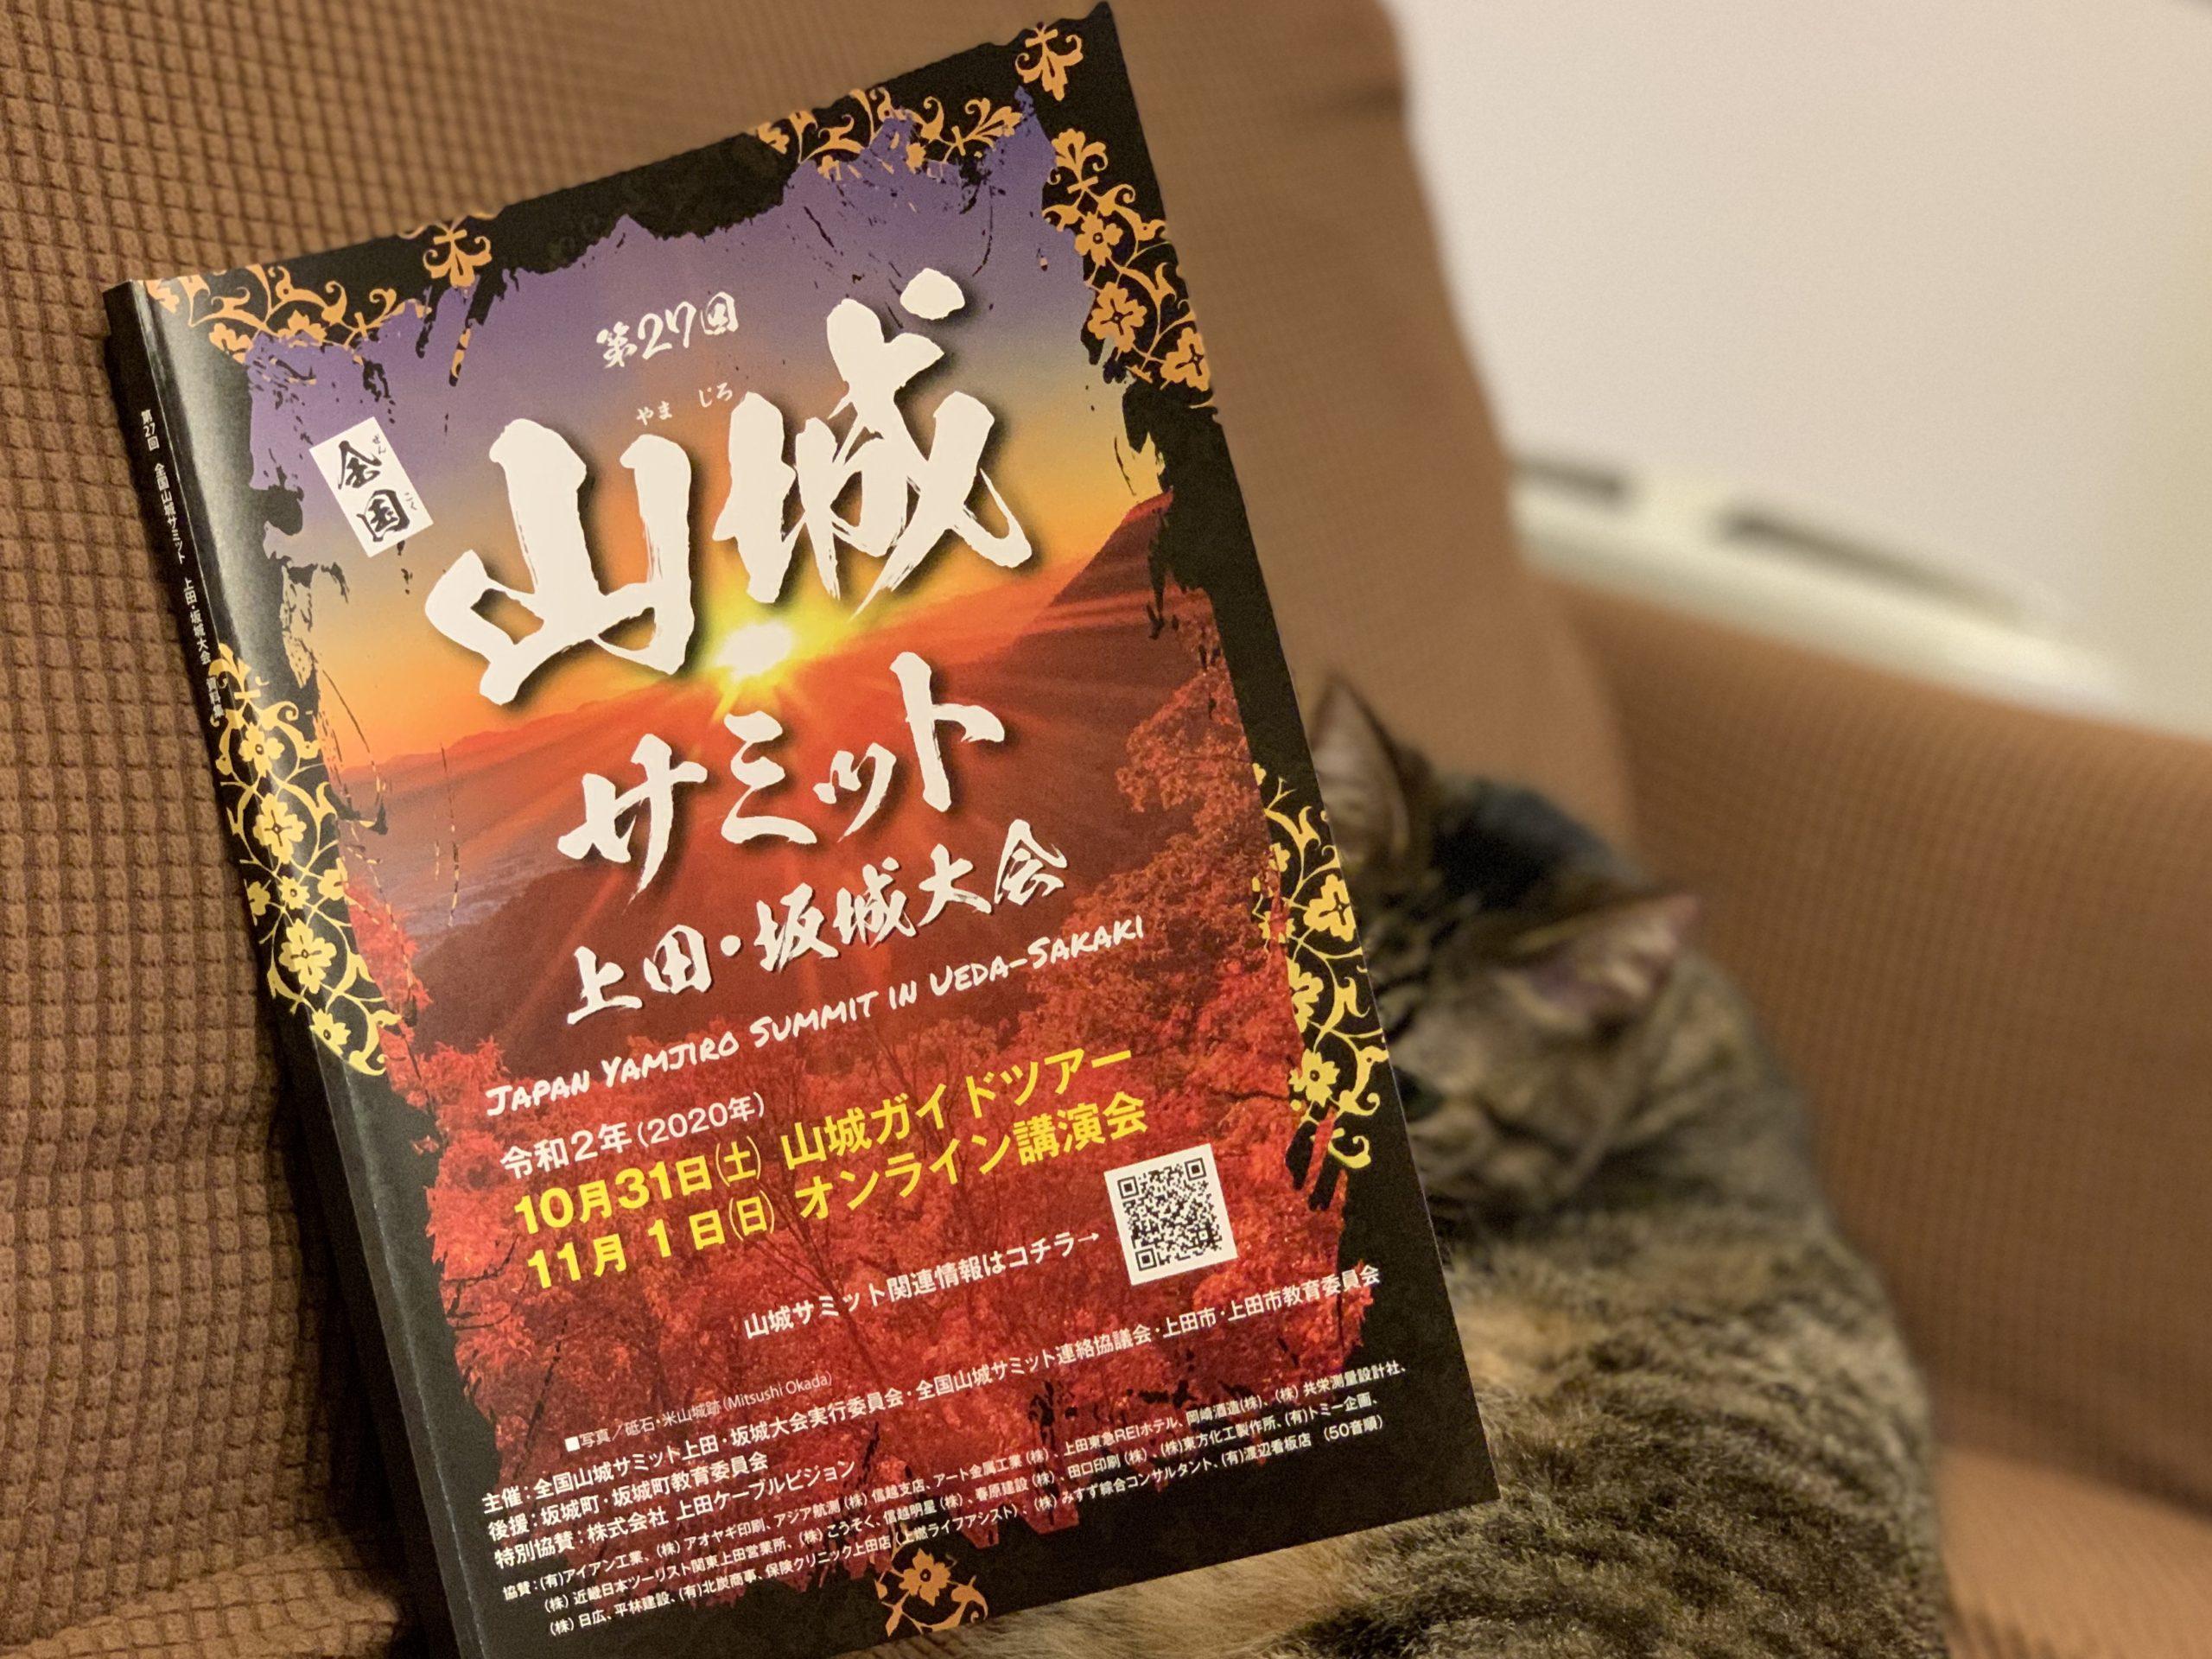 山城サミット上田・坂城大会の資料集がオススメです!